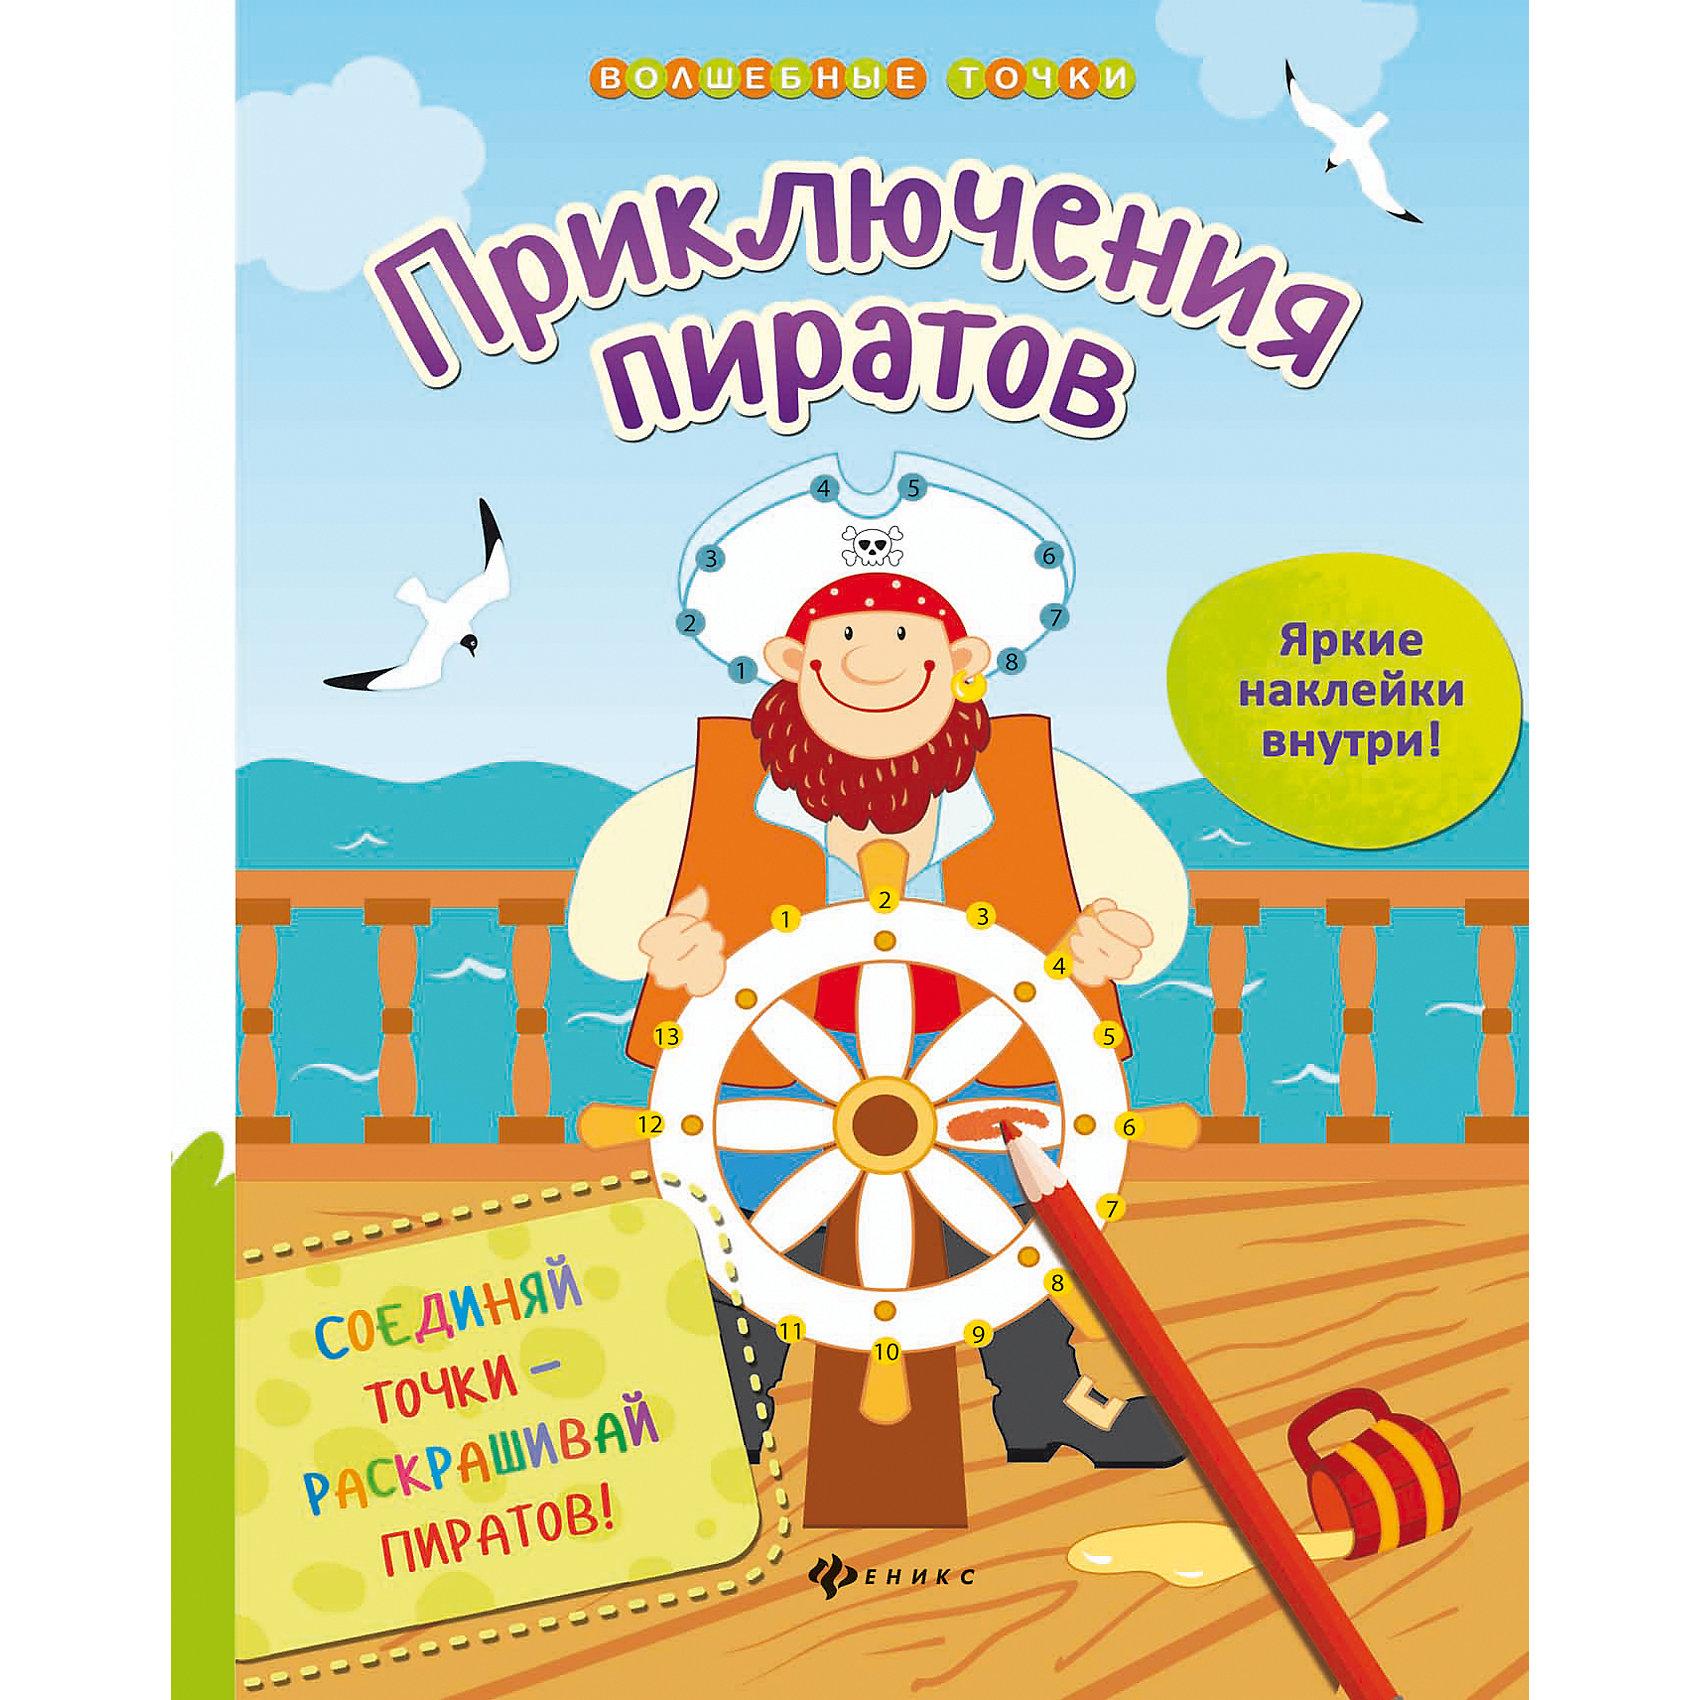 Раскраска Приключения пиратовФеникс<br>Книжка Приключения пиратов<br><br>Характеристики: <br><br>• Кол-во страниц: 16<br>• ISBN: 9785222258439<br>• Возраст: 0+<br>• Обложка: мягкая глянцевая<br>• Формат: а4<br><br>Эта книга-раскраска содержит иллюстрации, которые надо сначала соединить по цифрам, а потом уже раскрашивать и дополнять яркими наклейками. Используя такую книгу, ребенок сможет развить мелкую моторику и творческий подход и воображение.<br><br>Книжка Приключения пиратов можно купить в нашем интернет-магазине.<br><br>Ширина мм: 280<br>Глубина мм: 204<br>Высота мм: 20<br>Вес г: 77<br>Возраст от месяцев: -2147483648<br>Возраст до месяцев: 2147483647<br>Пол: Унисекс<br>Возраст: Детский<br>SKU: 5464533